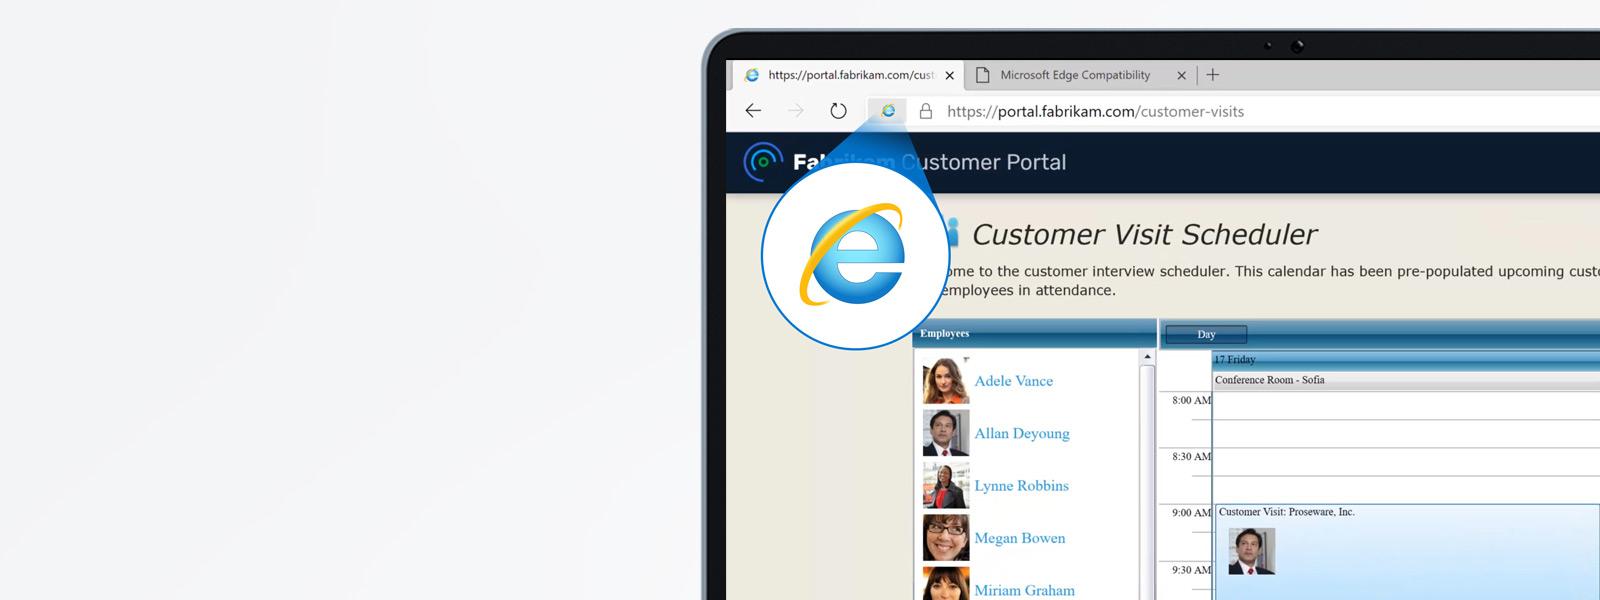 Der Microsoft Edge-Browser mit einer geöffneten Site, die den Internet Explorer-Modus verwendet, der durch das Internet Explorer-Symbol in der URL-Adressleiste angezeigt wird.